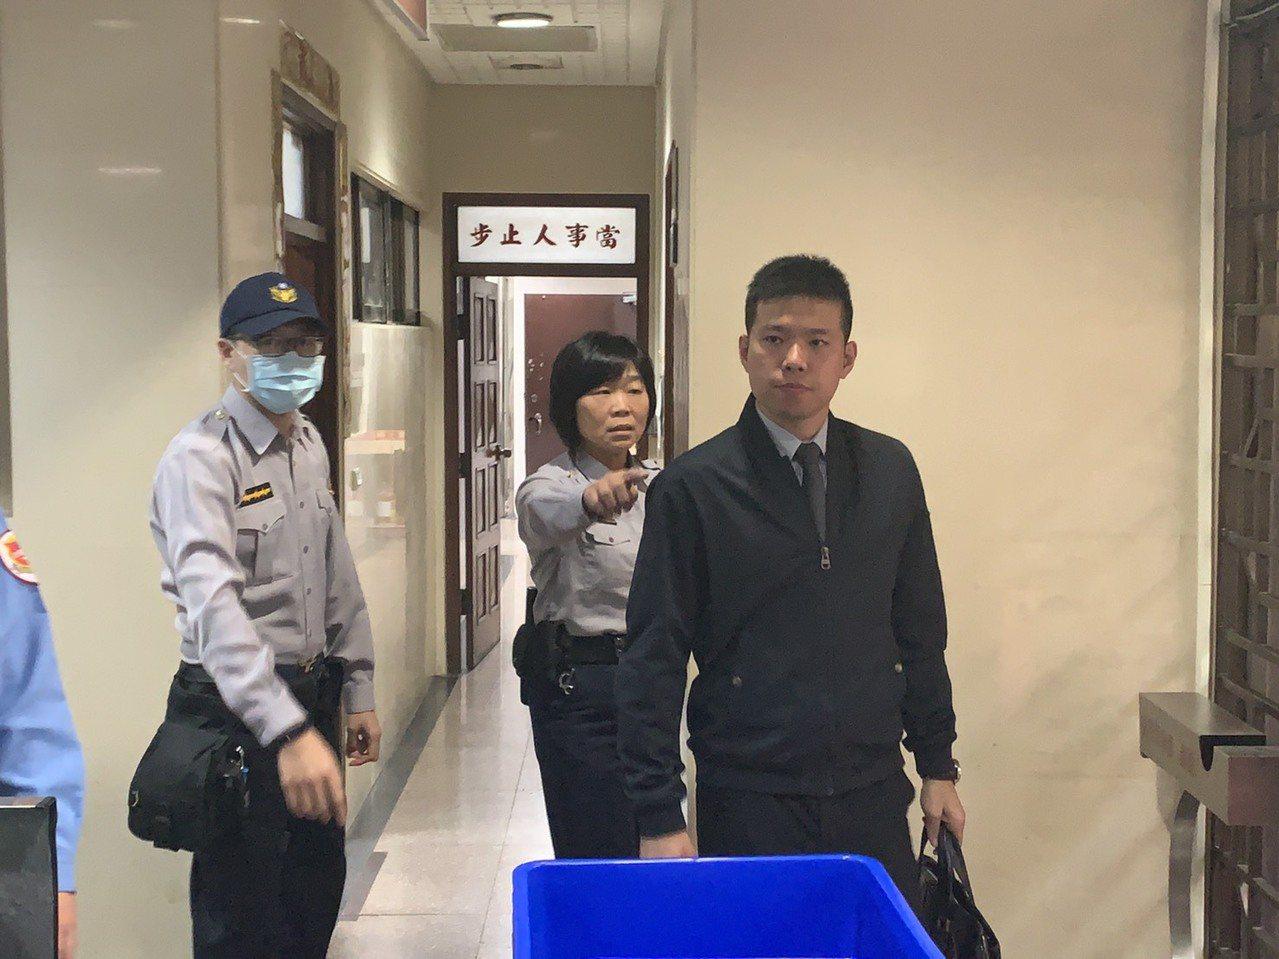 前總統府侍衛室少校吳宗憲(右)今為私菸案到台北地院出庭。記者王聖藜/攝影